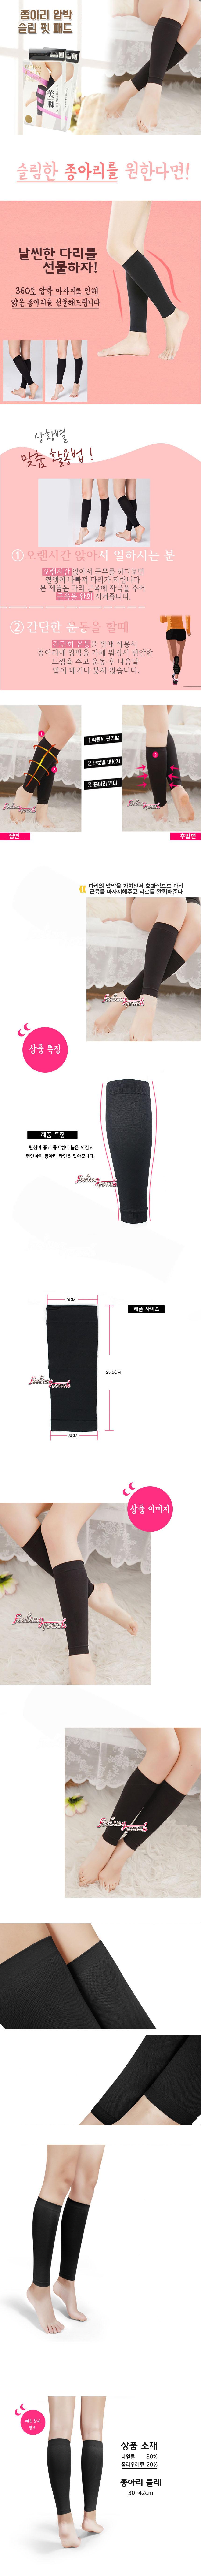 종아리 압박 슬림 패드 - 겔럭시인, 9,800원, 운동기구/소품, 운동소품